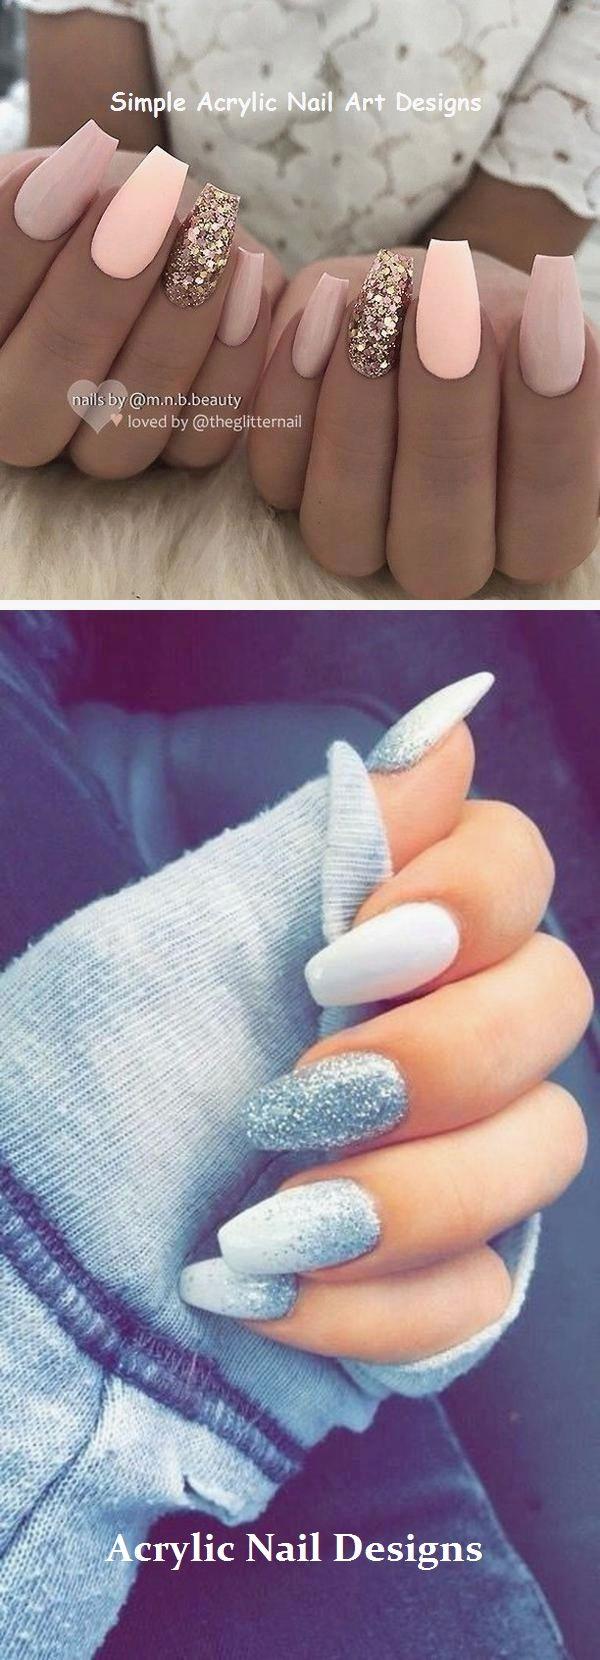 20 TOLLE IDEEN, WIE SIE ACRYLNÄGEL SELBST HERSTELLEN KÖNNEN #acrylnägel – Nails